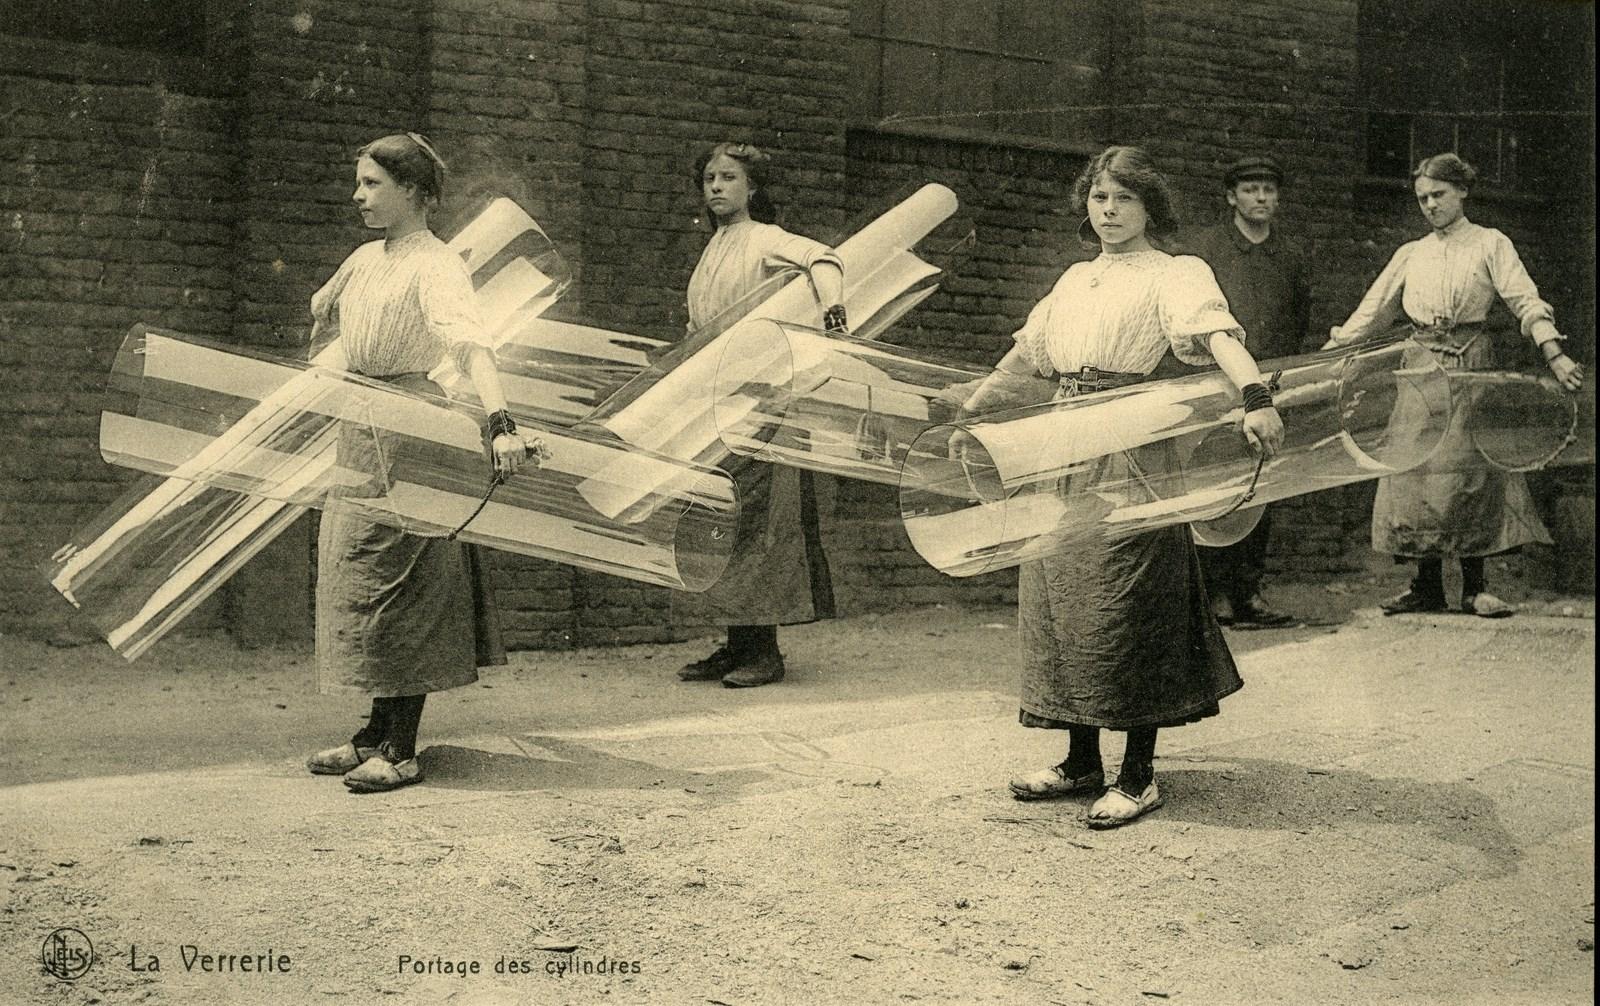 La Verrerie-Porteuses de cylindres, début 20e